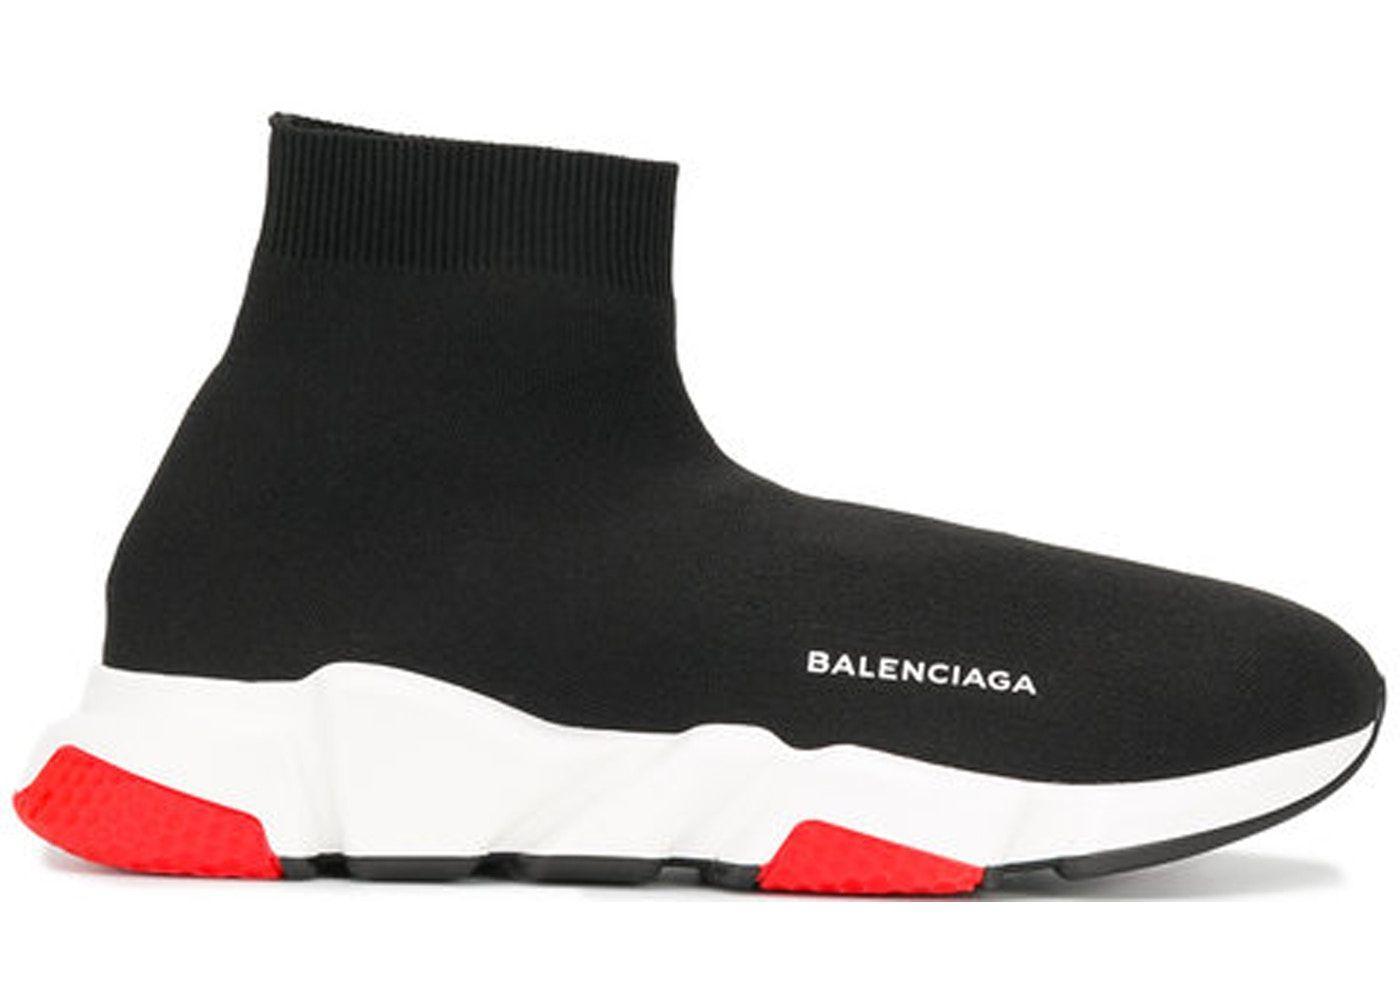 Rất nhiều mẫu giày Balenciaga đen cho bạn chọn lựa